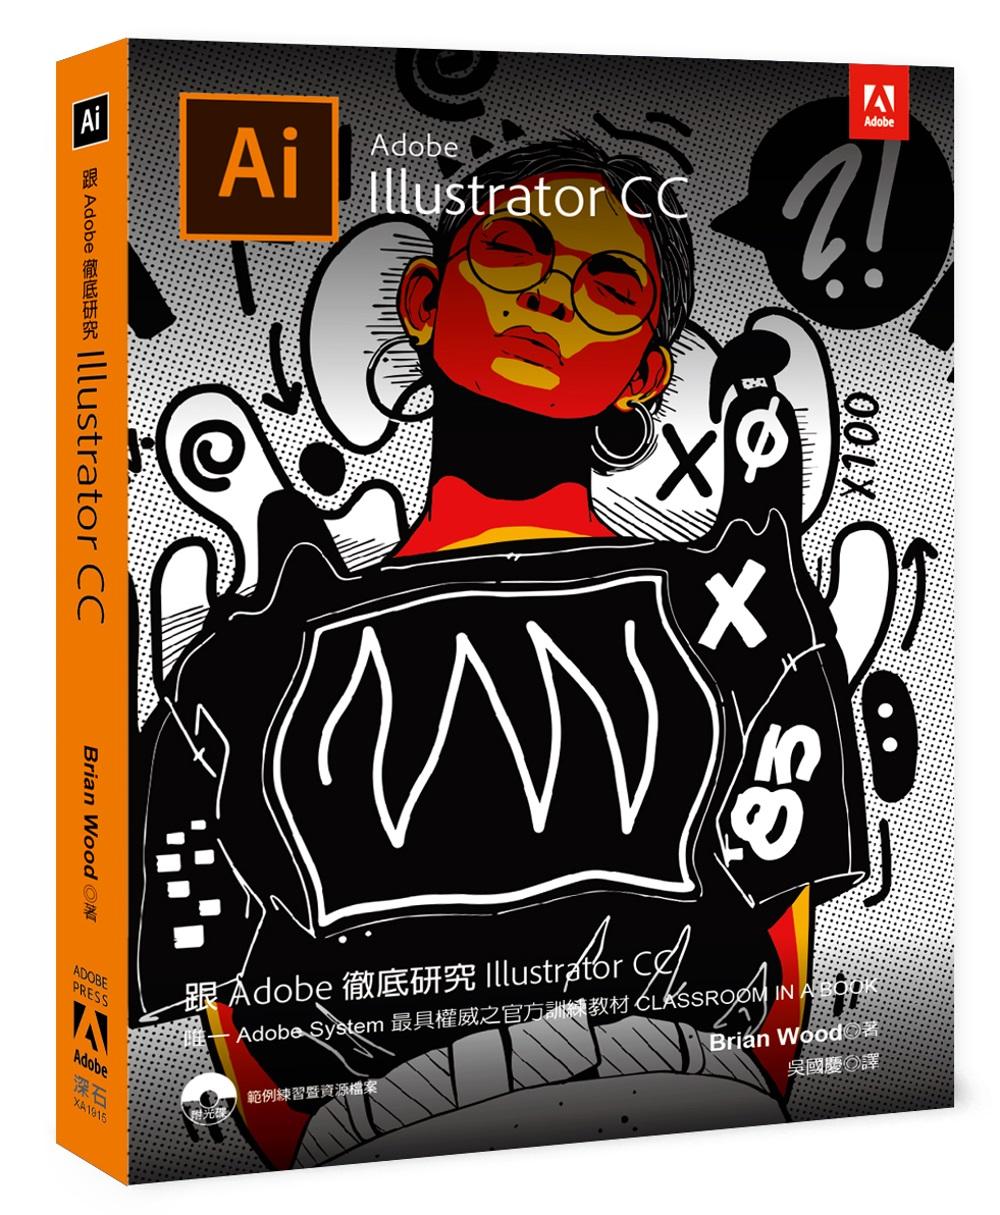 跟Adobe徹底研究Illus...